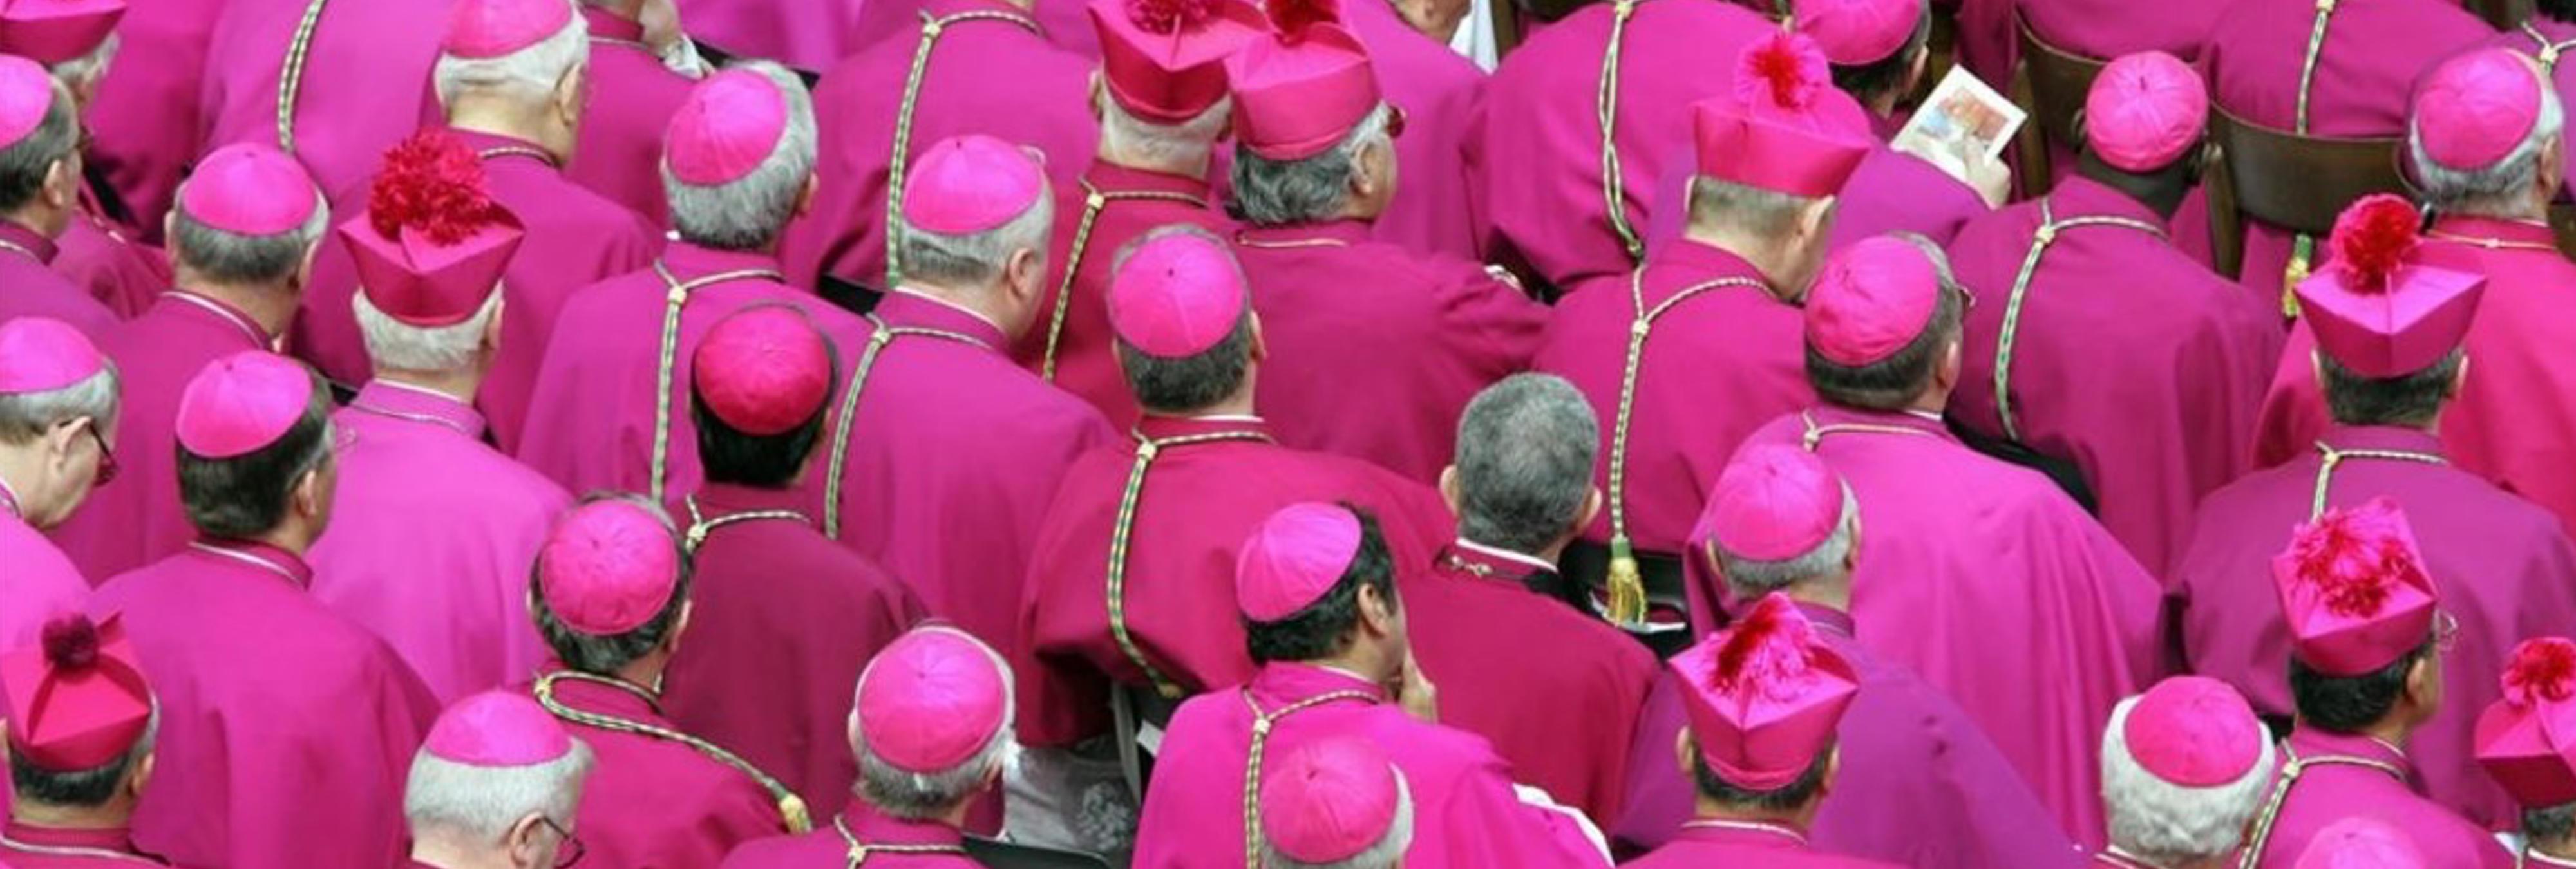 Interrumpen a varios curas en una orgía homosexual con drogas en el Vaticano